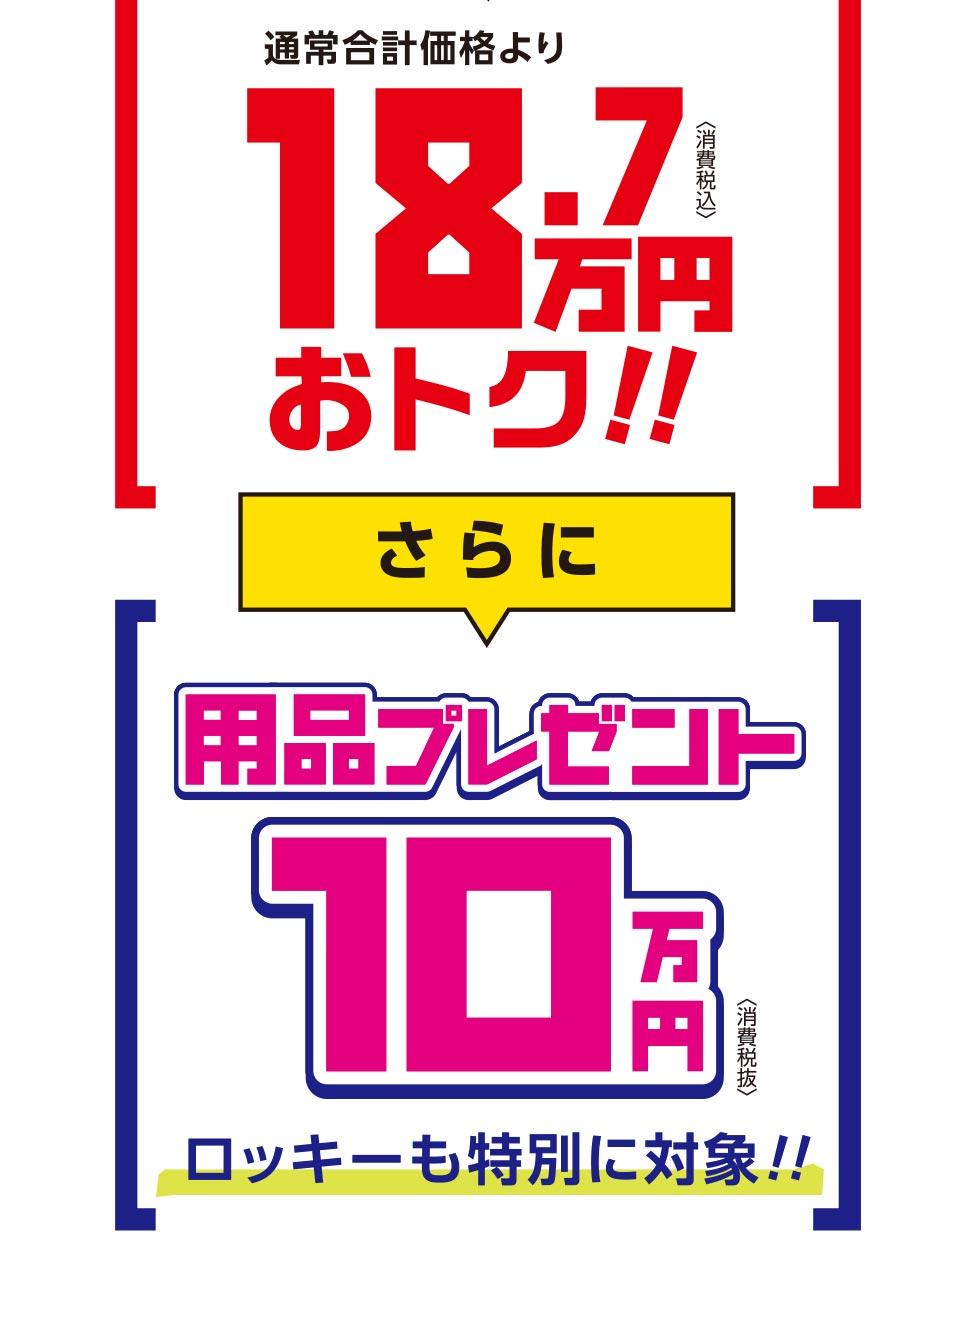 さらに特別に用品プレゼント10万円も対象に!!